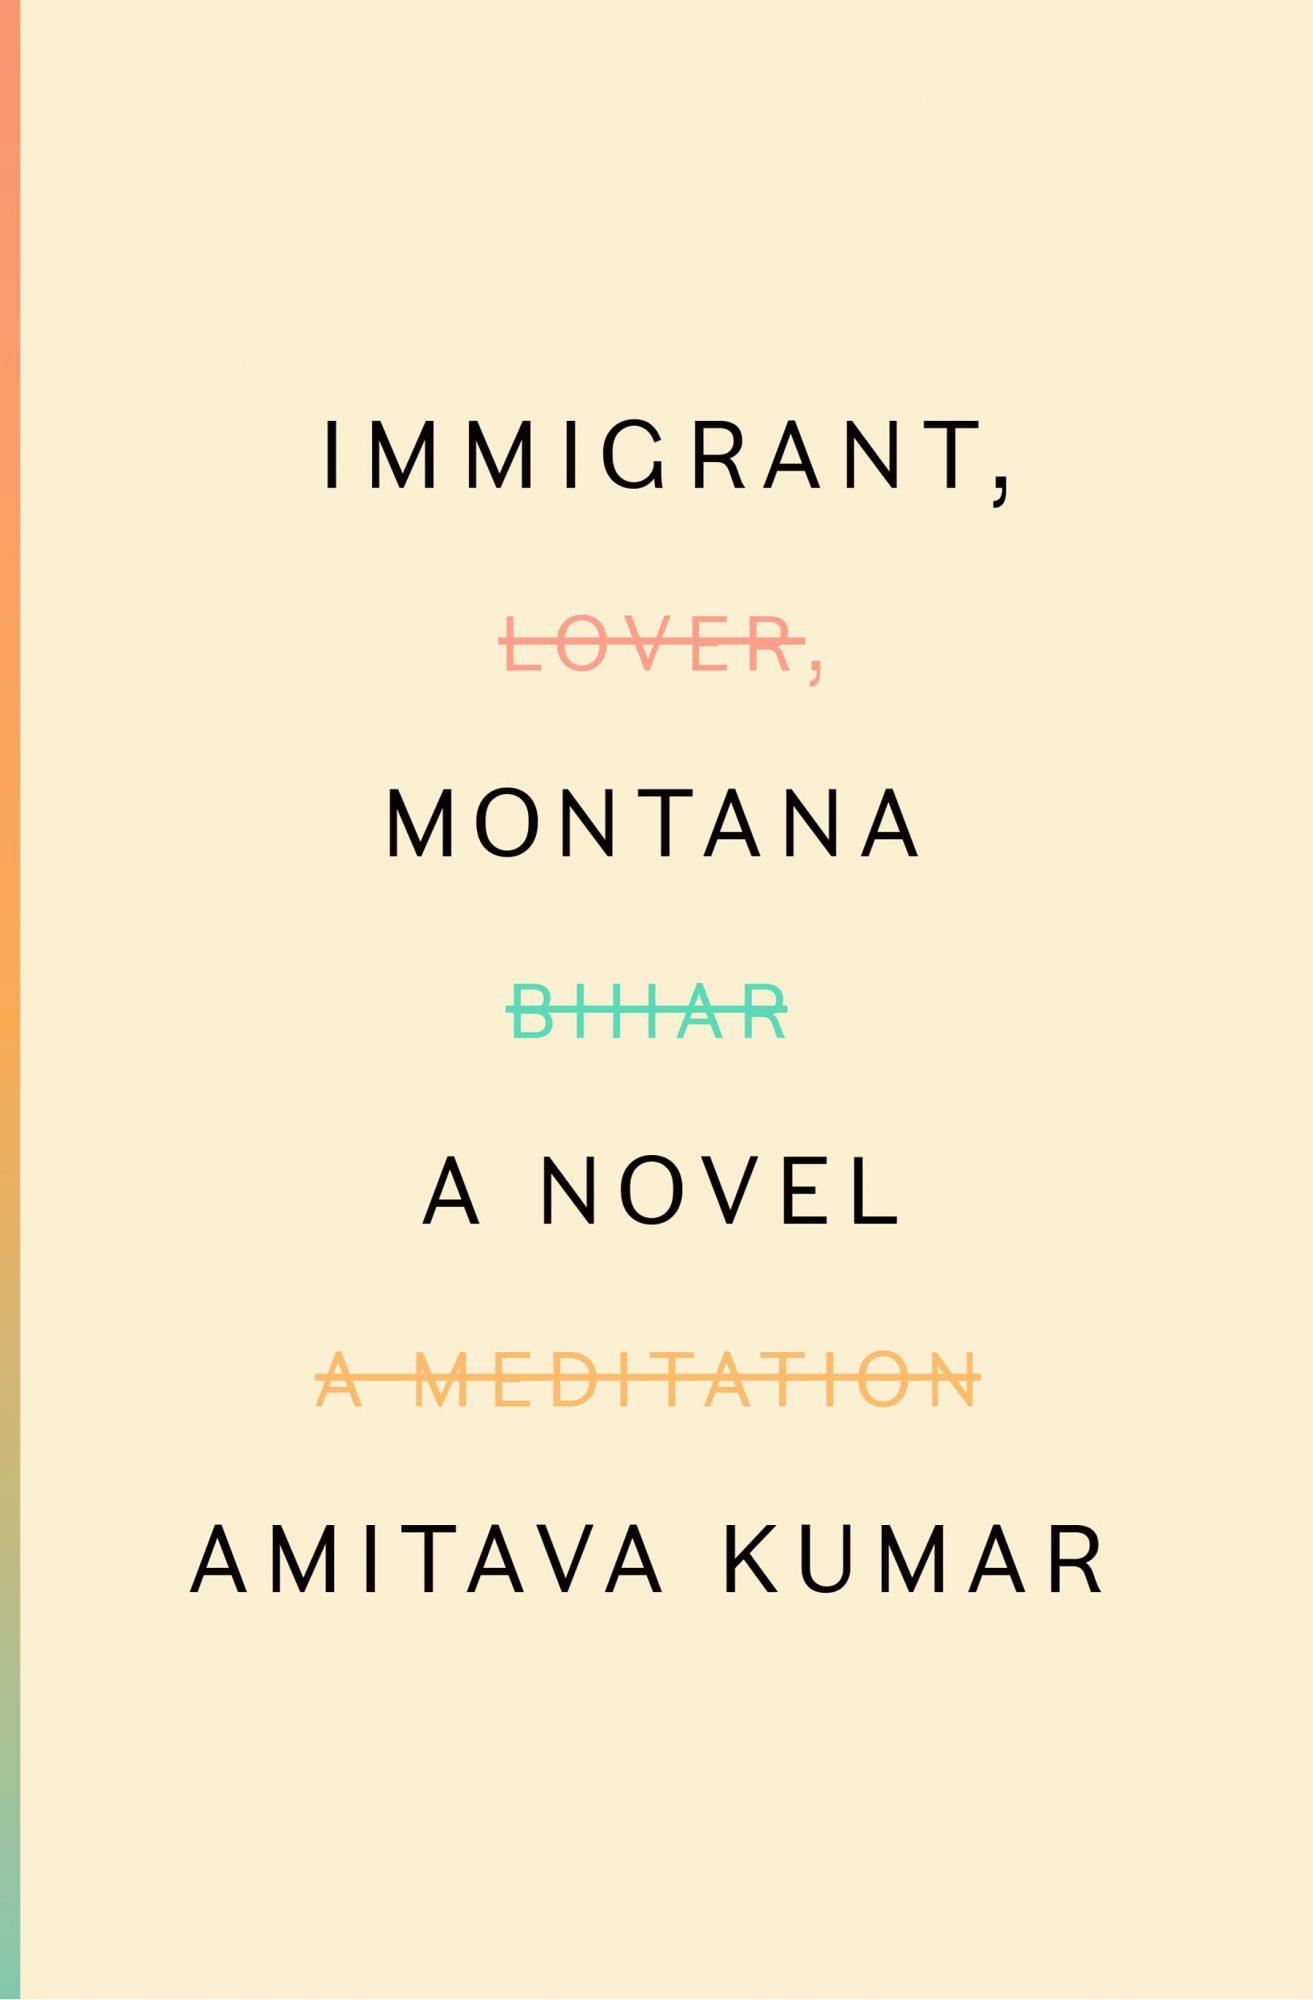 Immigrant, MontanaA NOVELBy AMITAVA KUMARCR: Knopf Doubleday